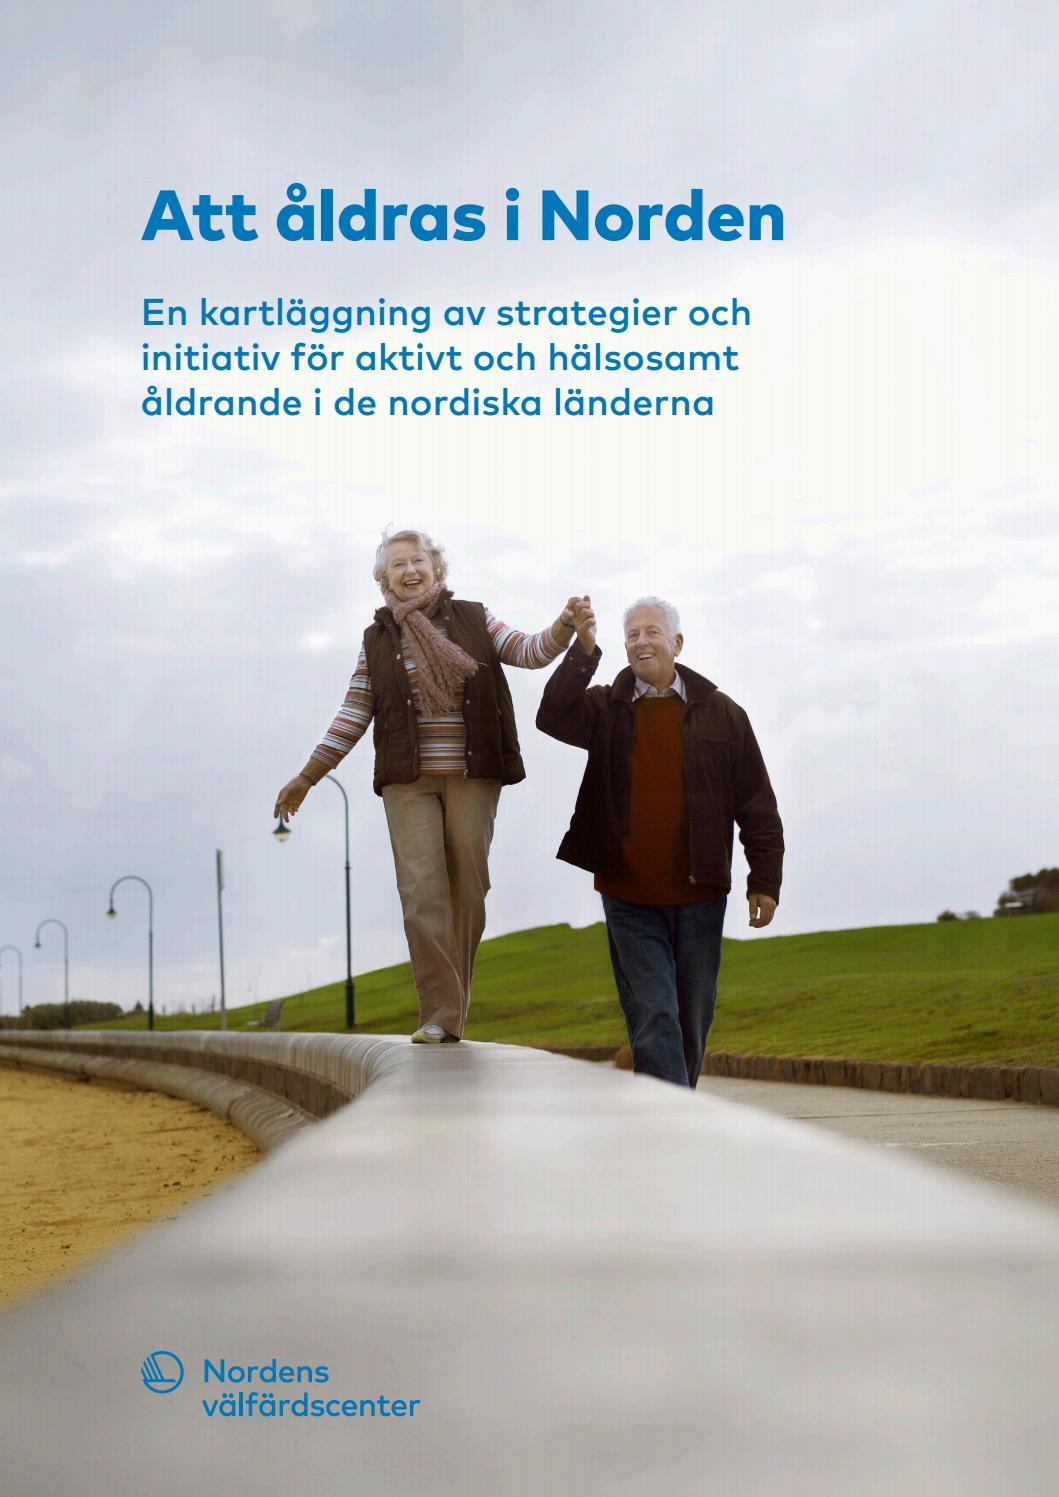 mötesplatser för äldre i danmark dal online dating